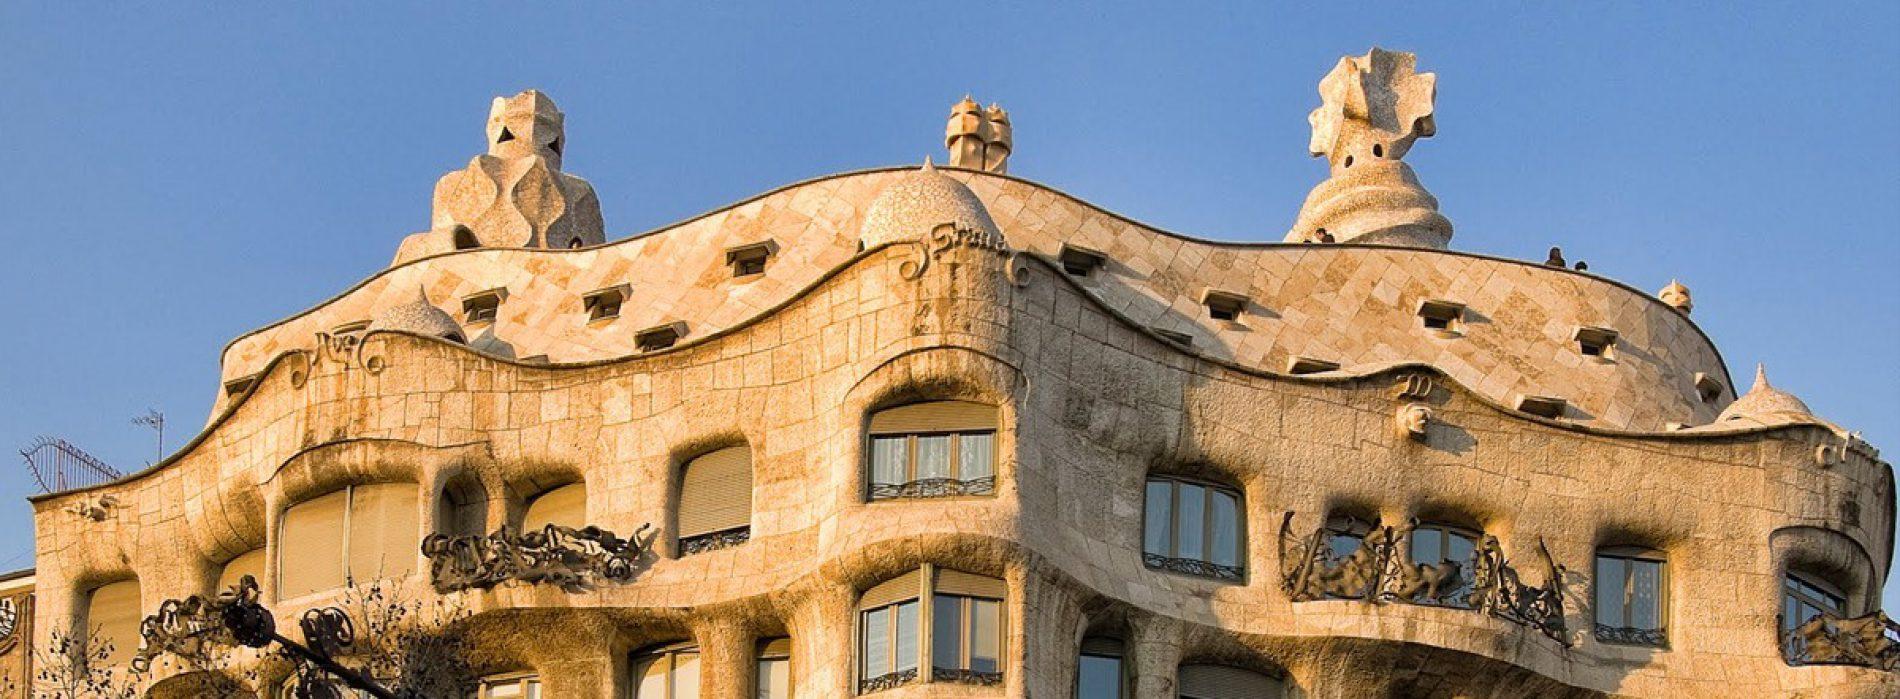 """Casa Milà """"La Pedrera"""", la grande onda pietrificata di Gaudí"""